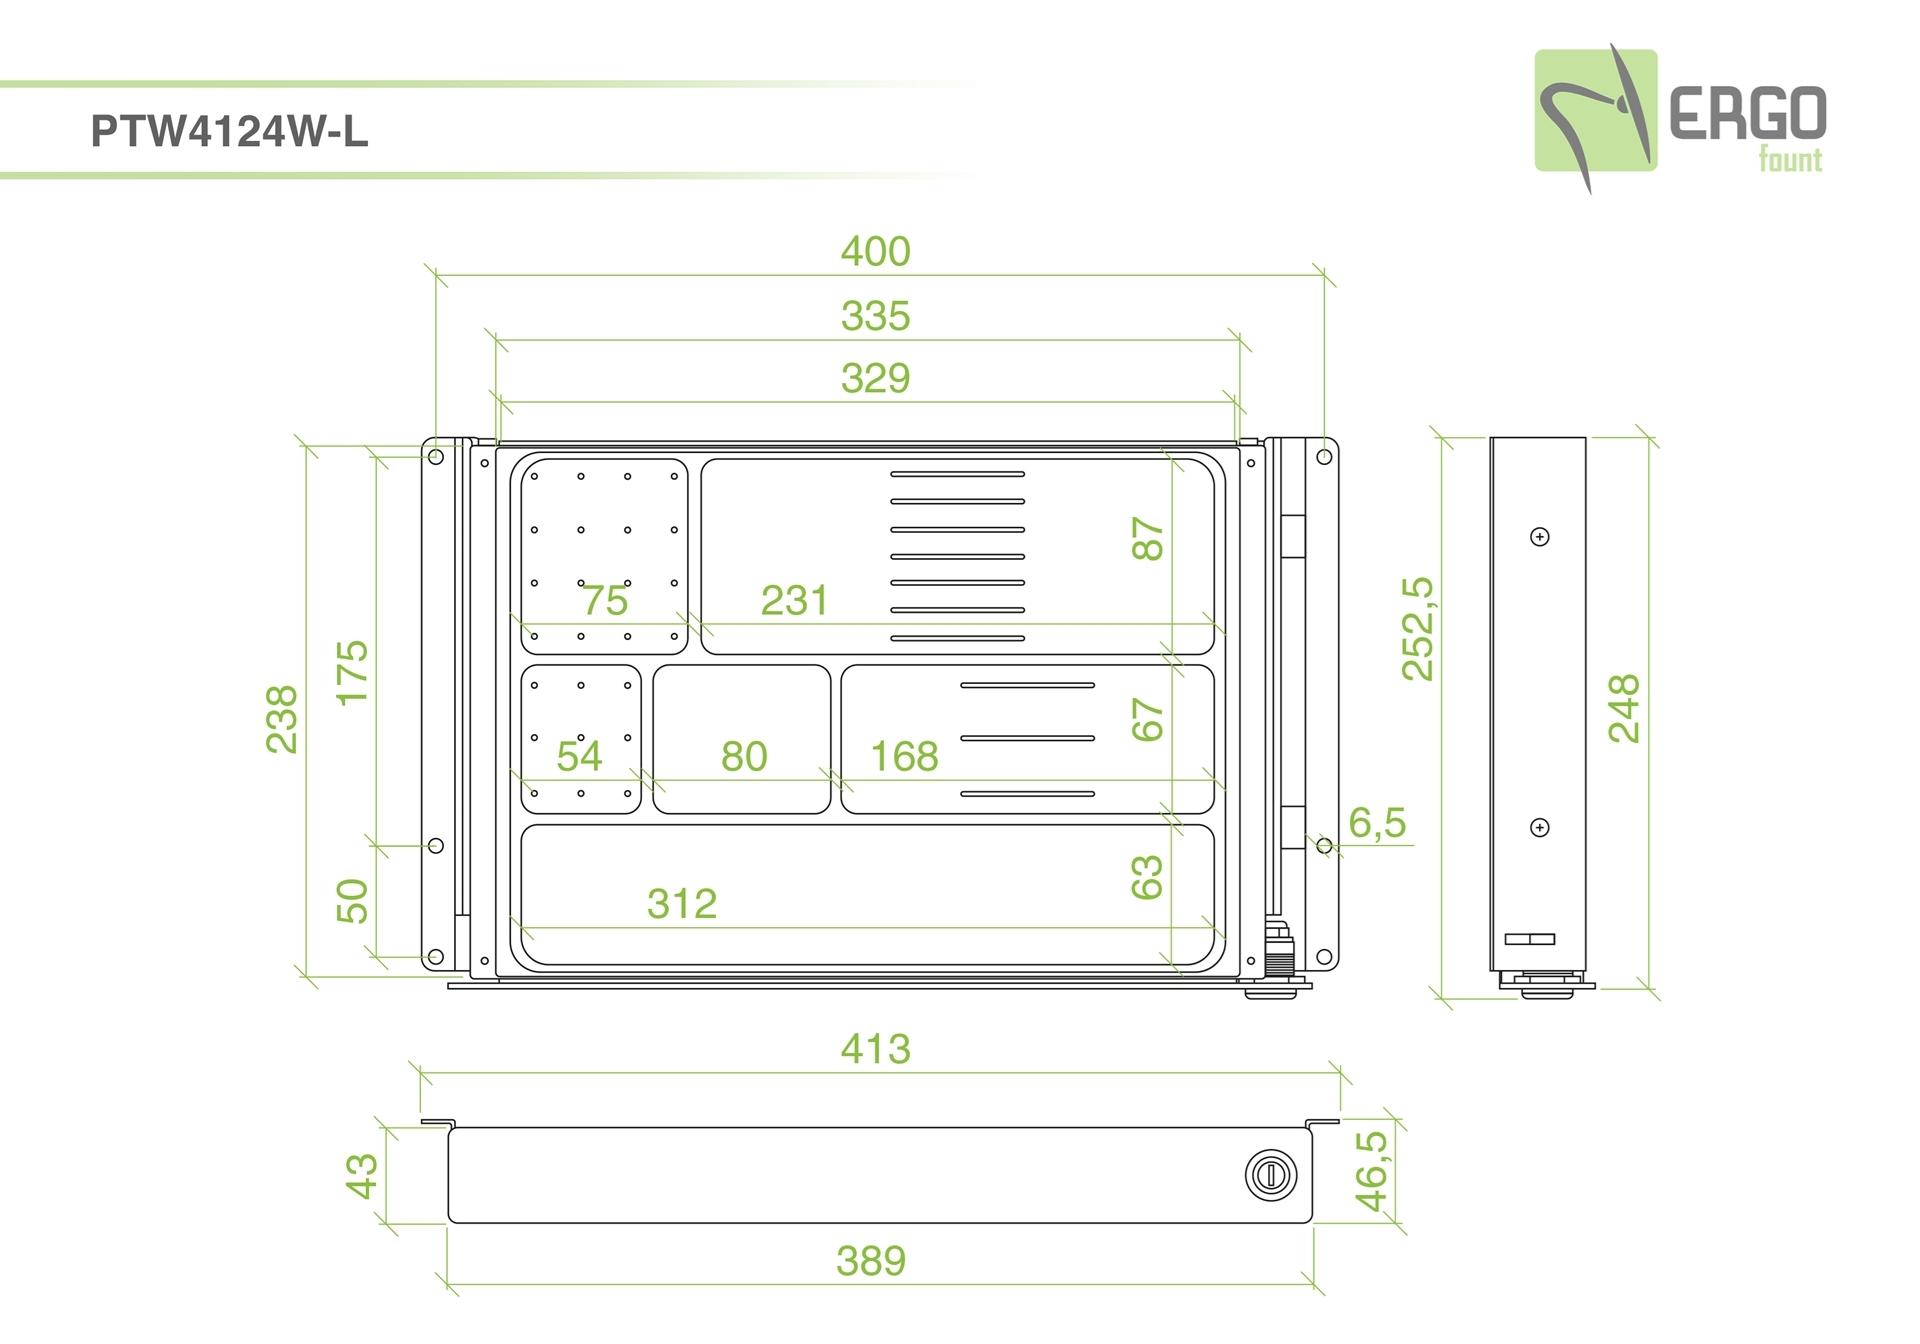 ErgoFount PTW4124W-L - Выдвижной ящик-органайзер с замком для канцелярских принадлежностей под стол, средний, белый